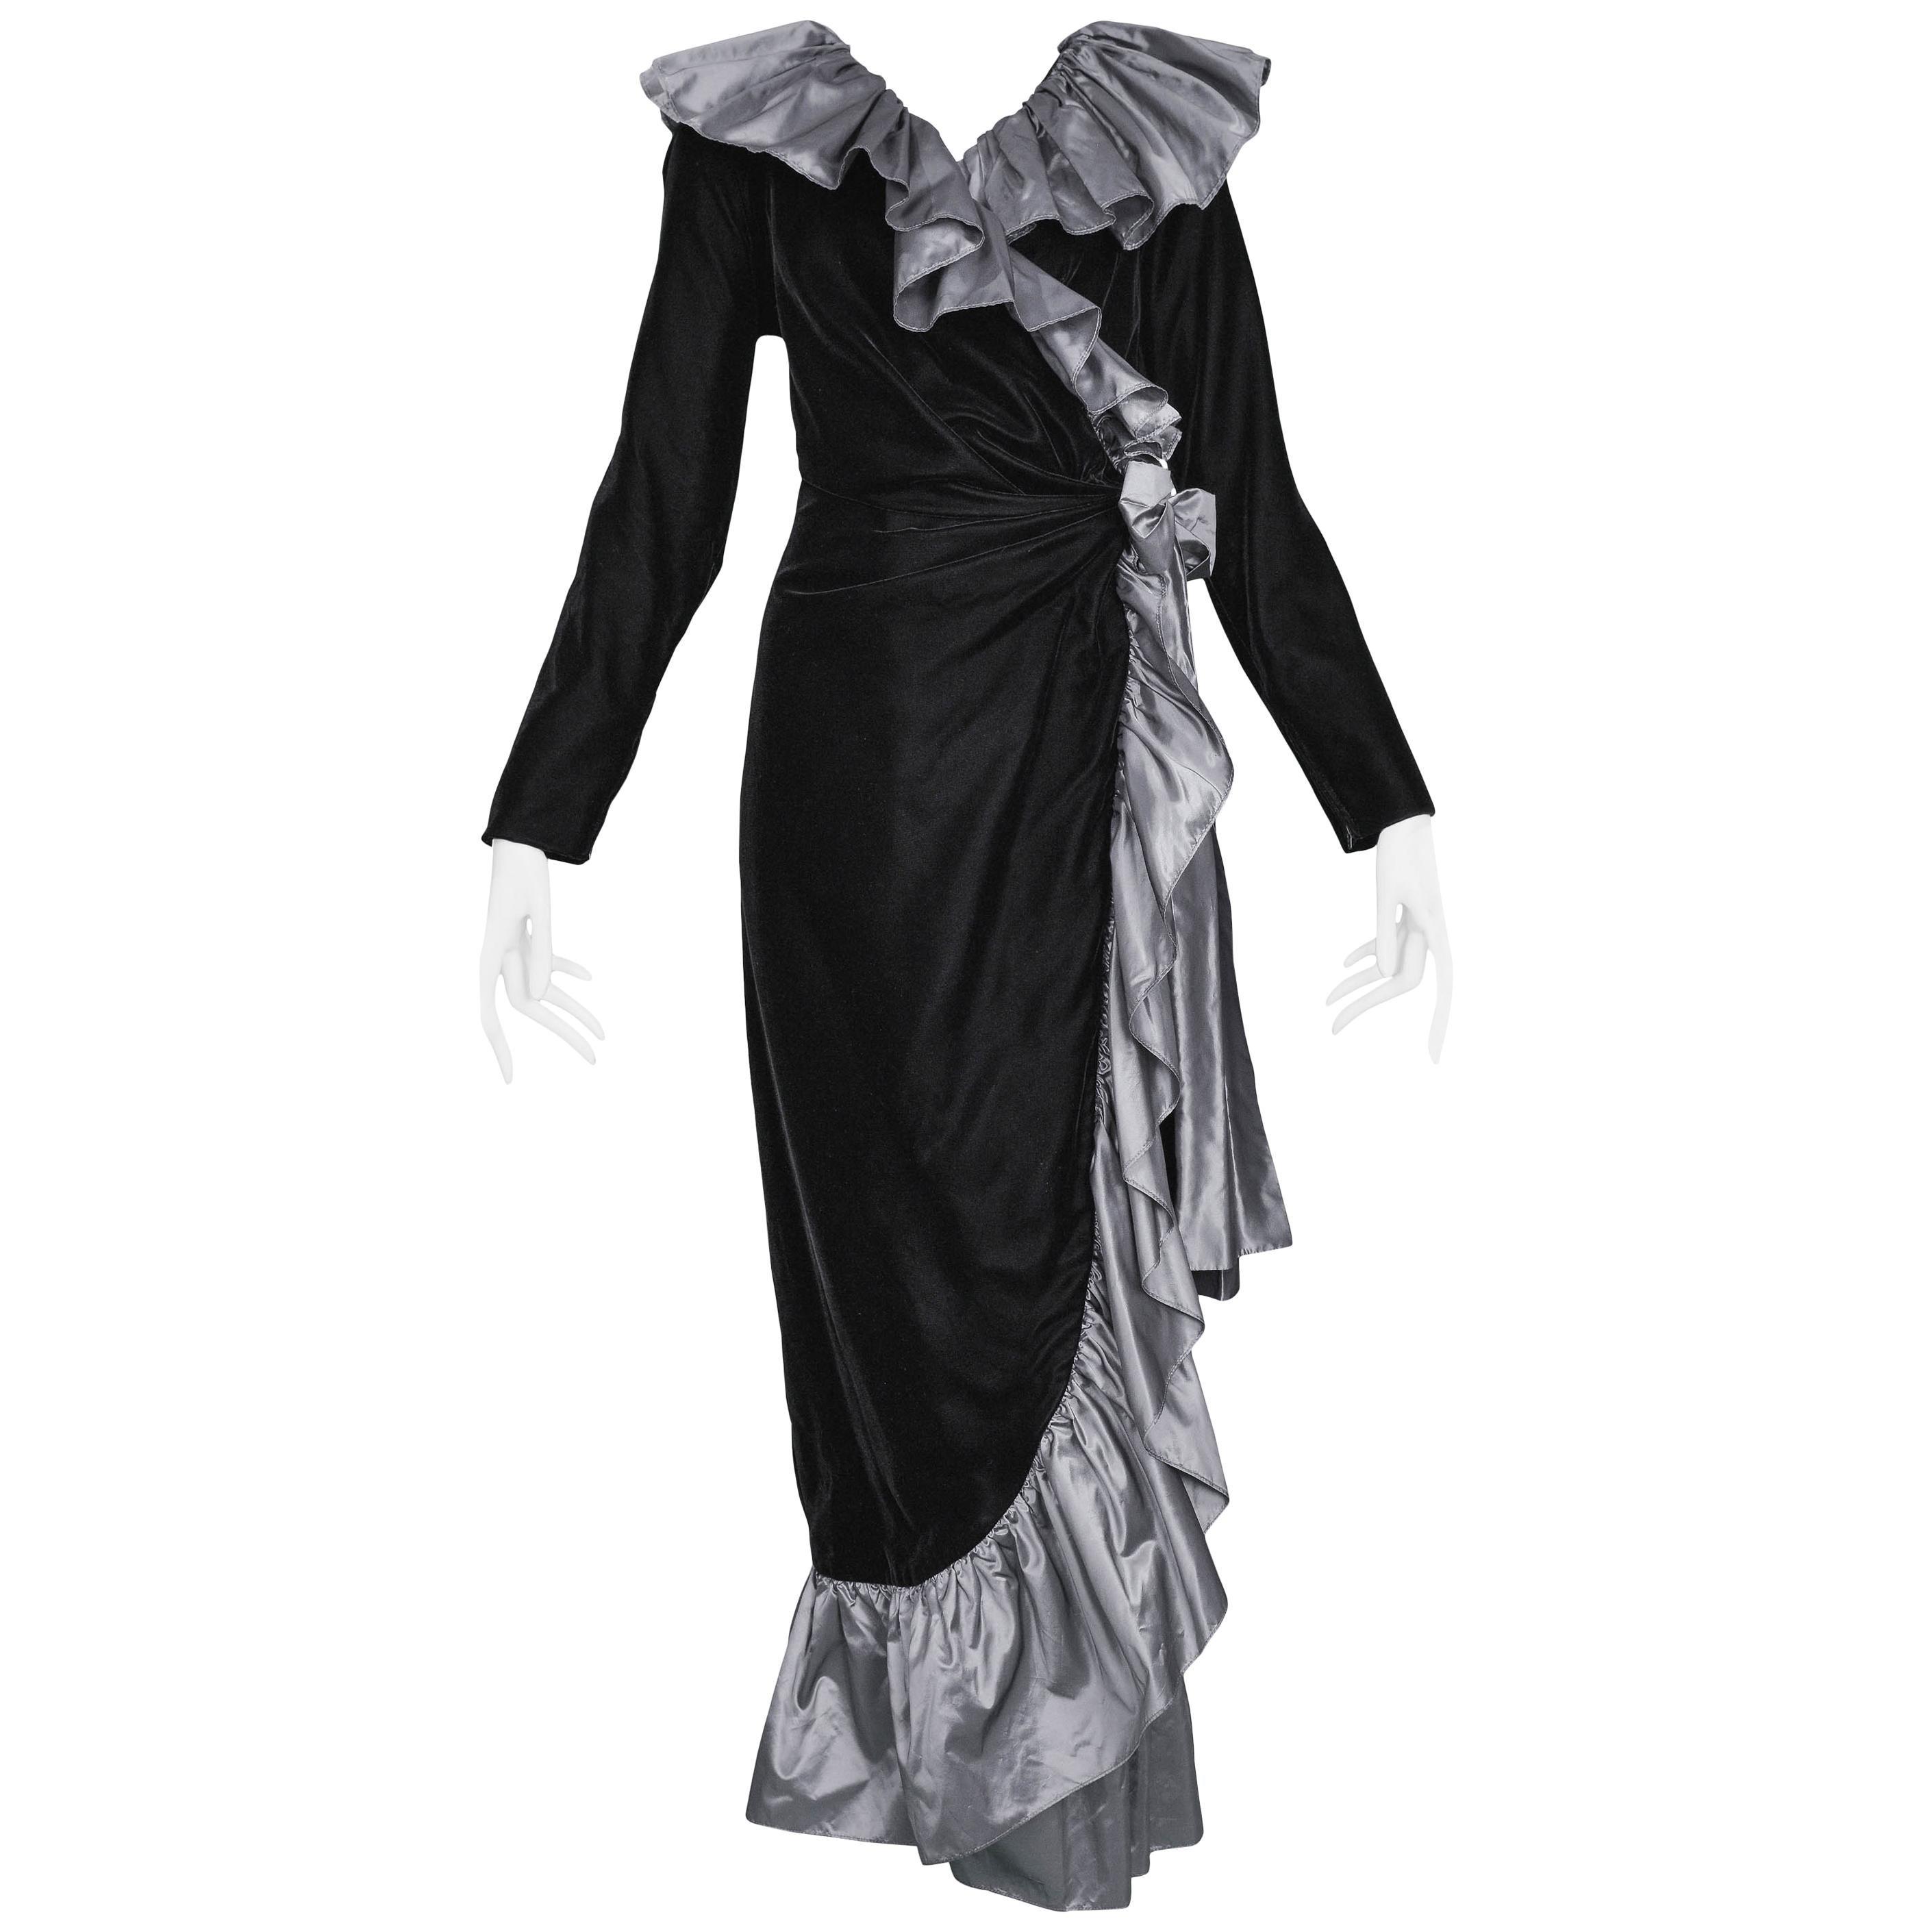 Yves Saint Laurent Silver Taffeta Ruffle Gown, 1980s